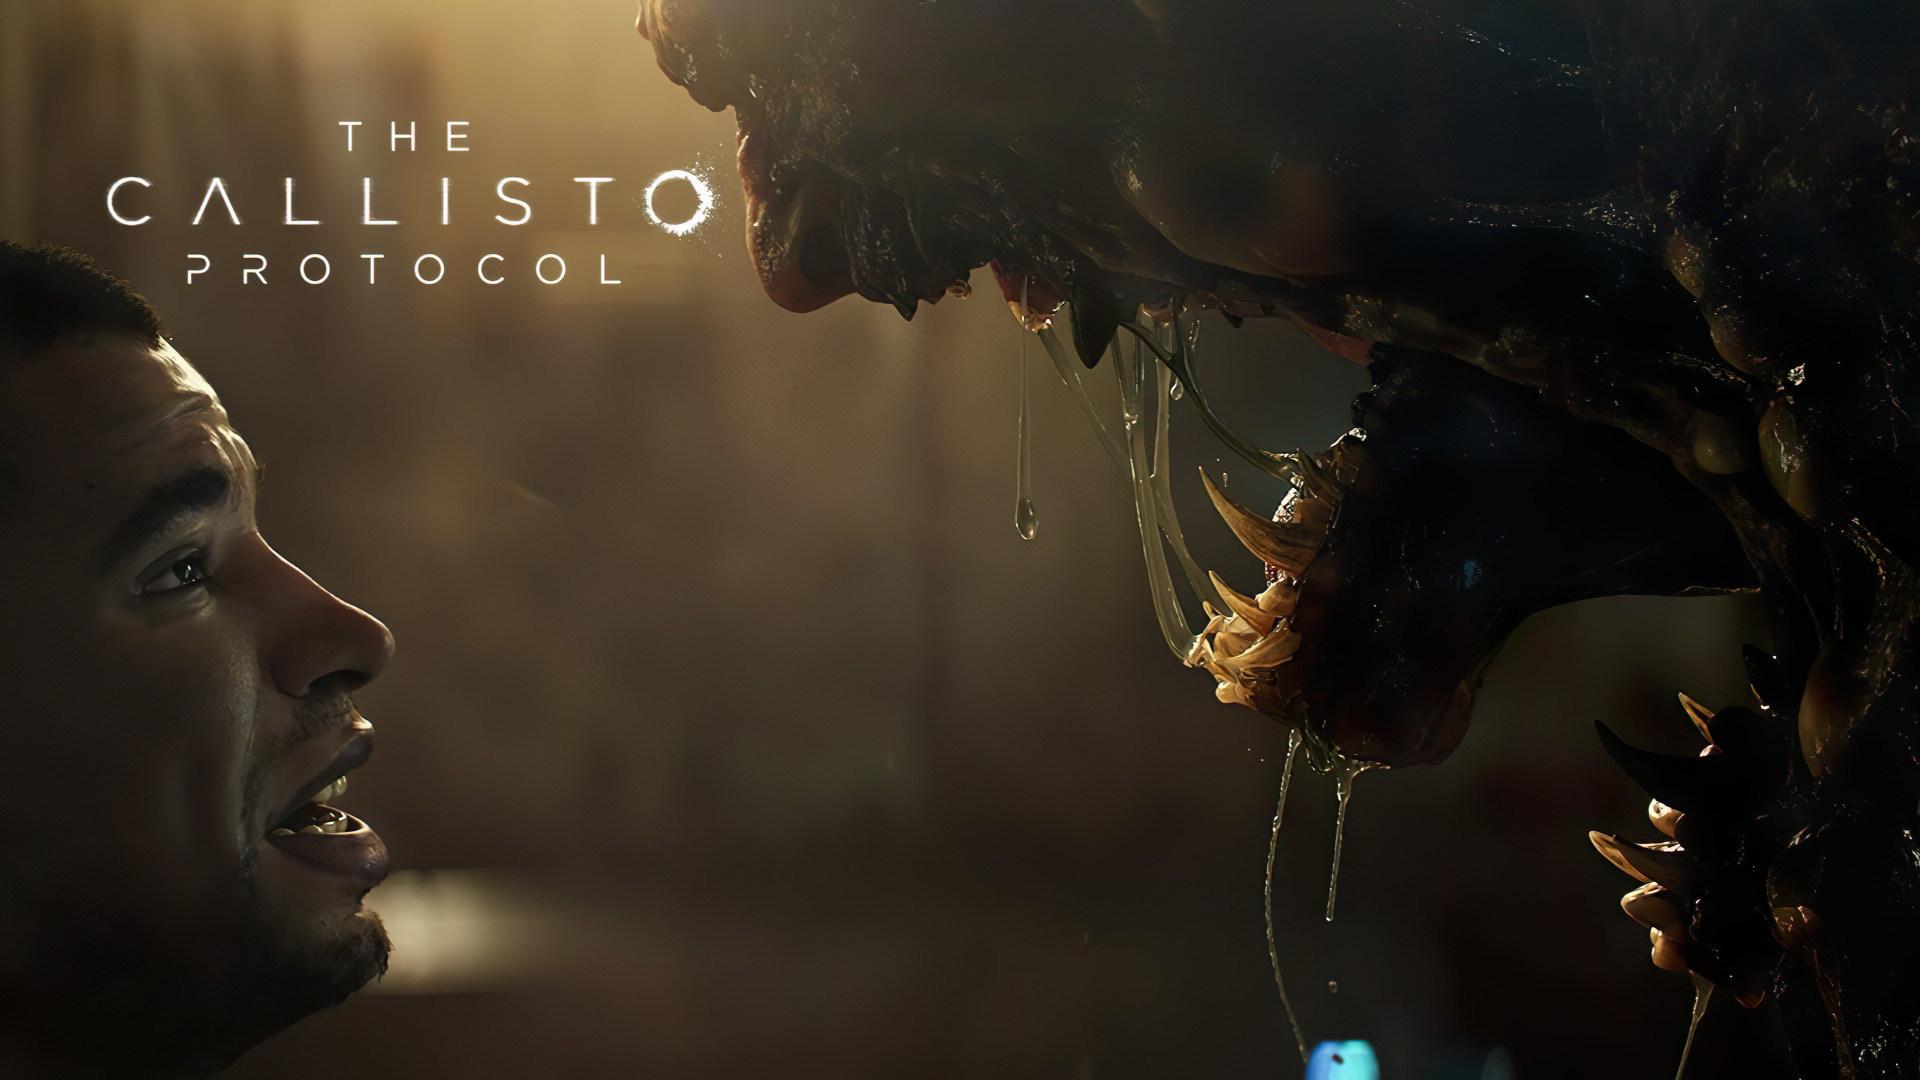 Trailer, Horror, Survival Horror, Game Awards 2020, The Callisto Protocol